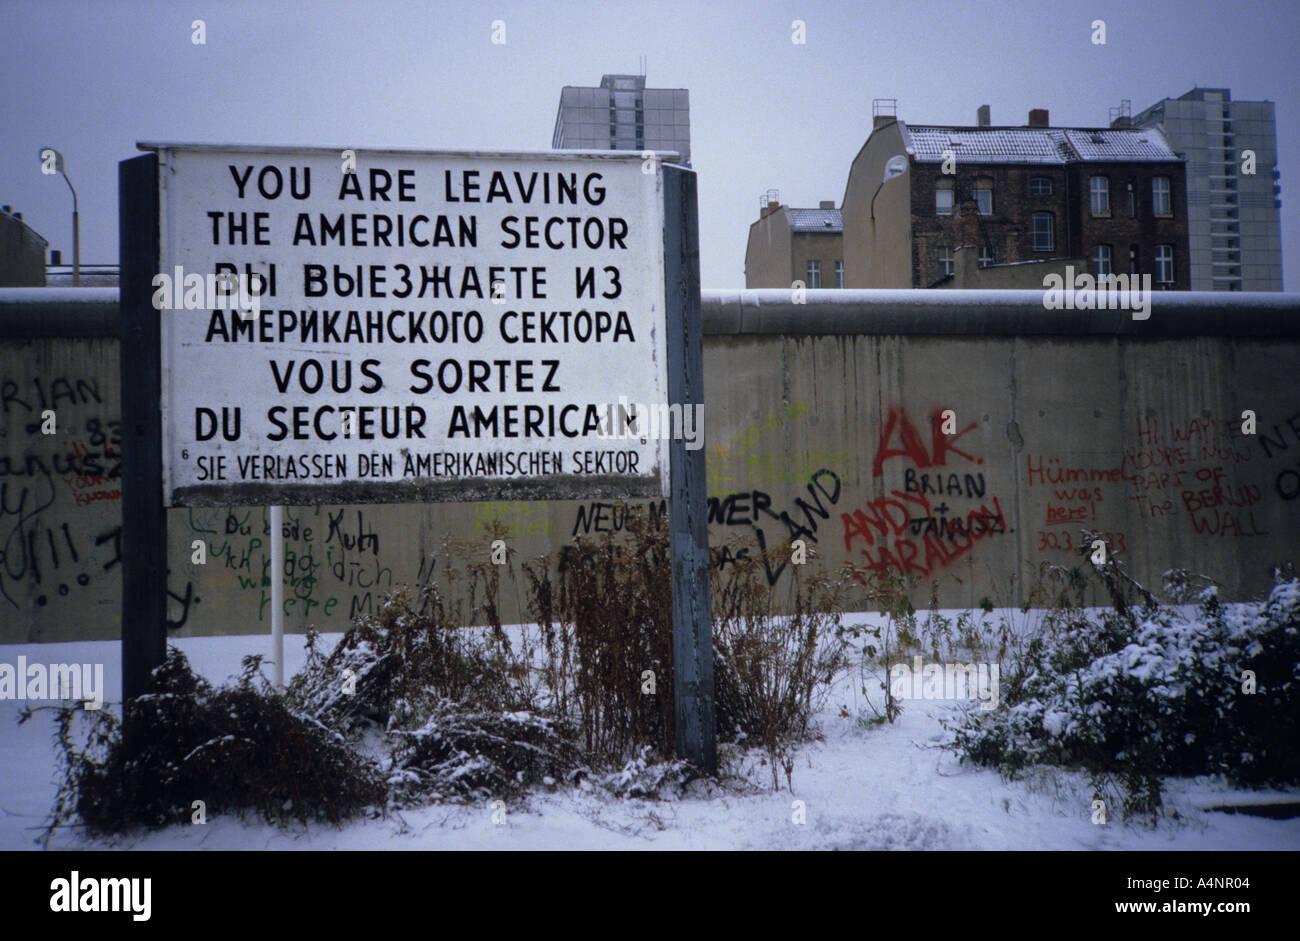 El muro de Berlín en 1984. Signo de que están dejando el sector americano. Cortina de Hierro durante la guerra fría Foto de stock